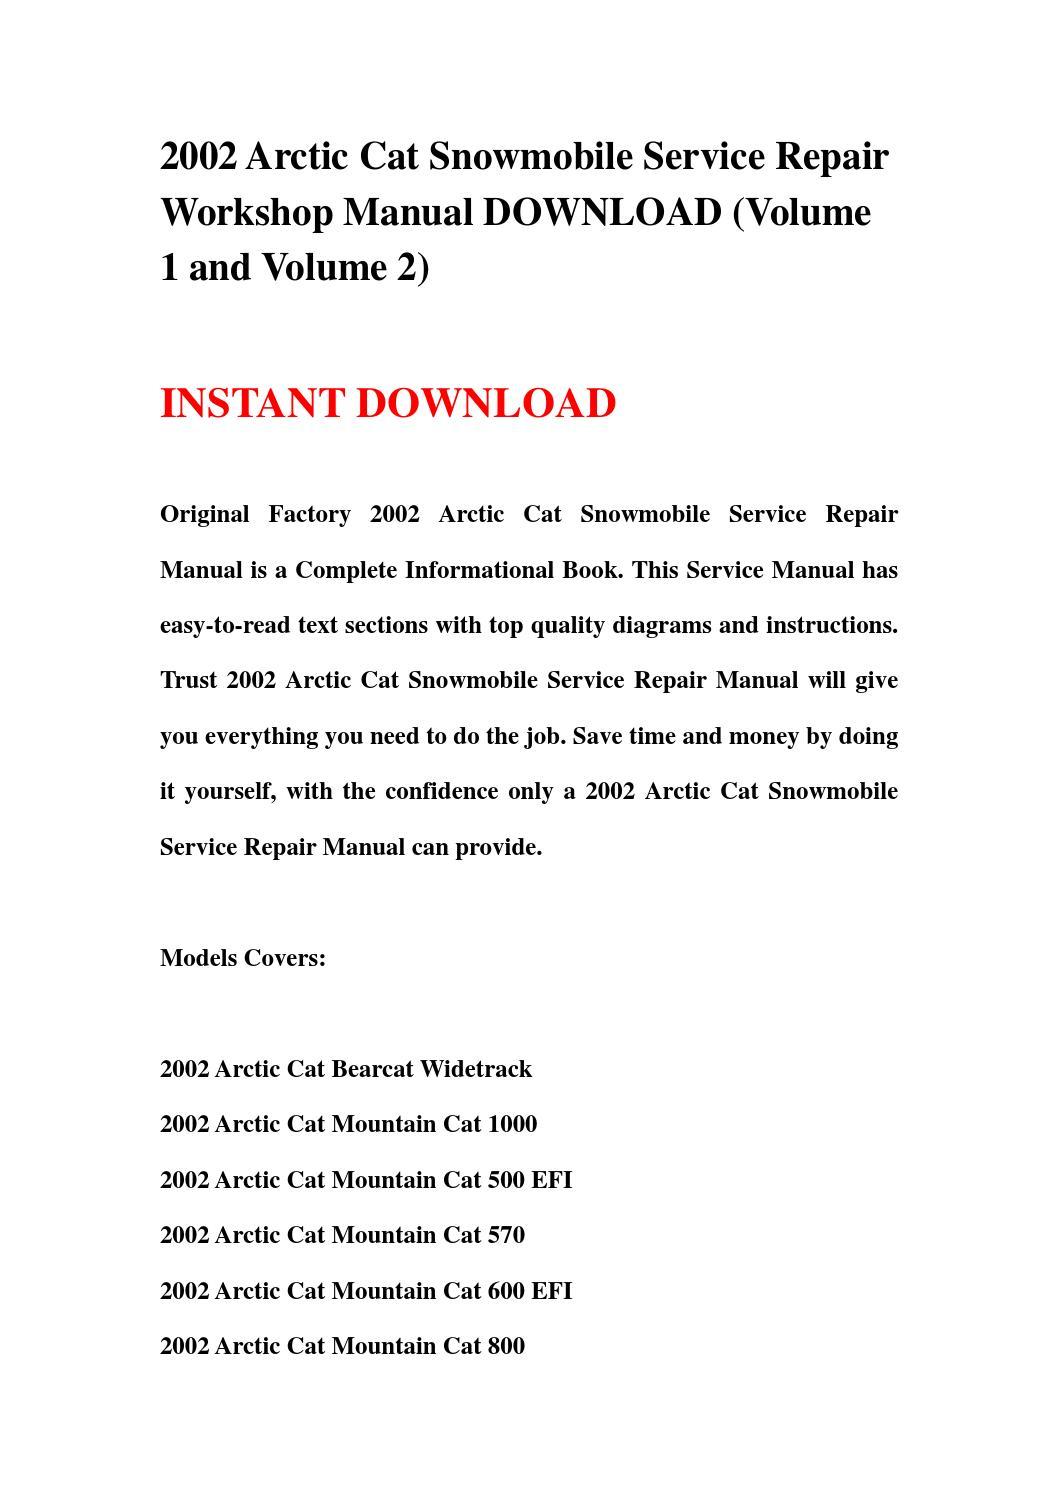 2002 Arctic Cat Snowmobile Service Repair Workshop Manual